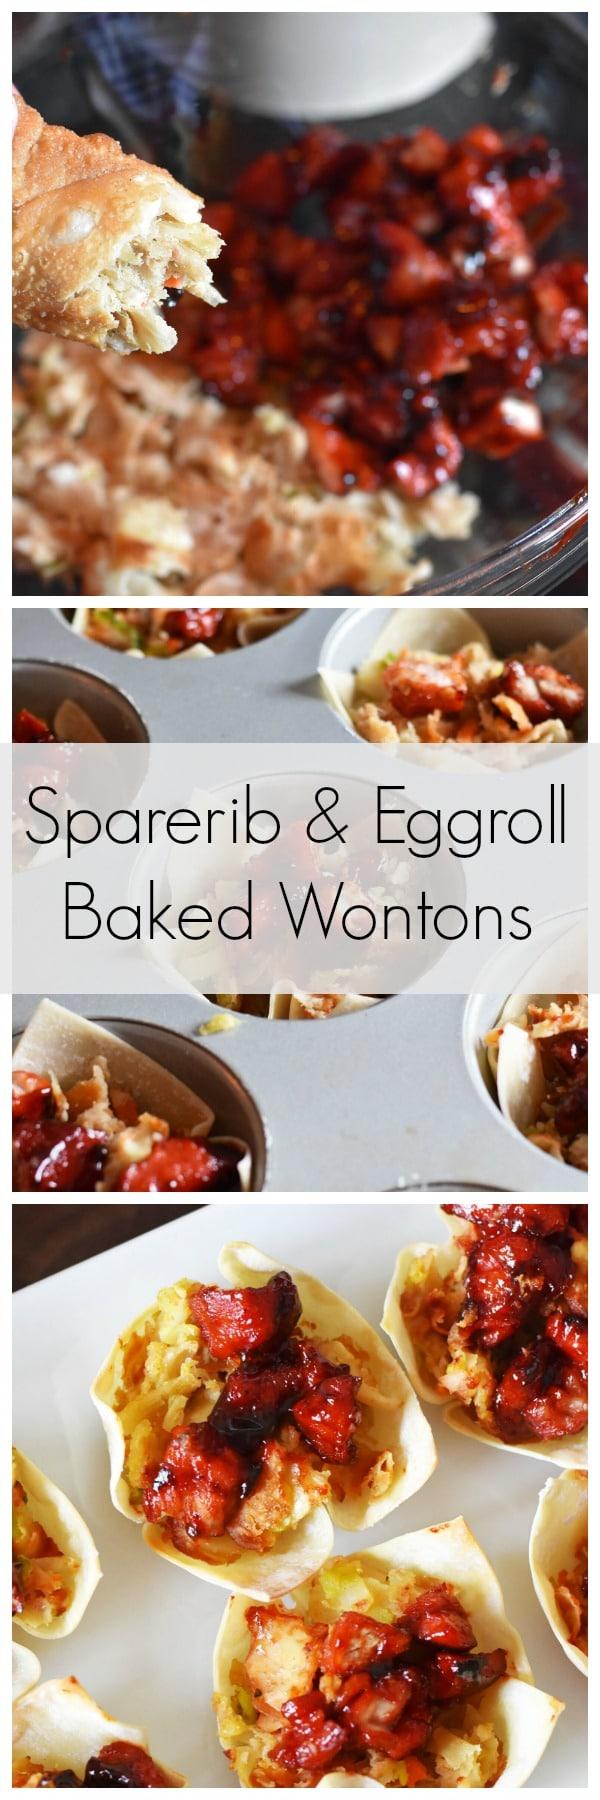 sparerib-eggroll-baked-wontons